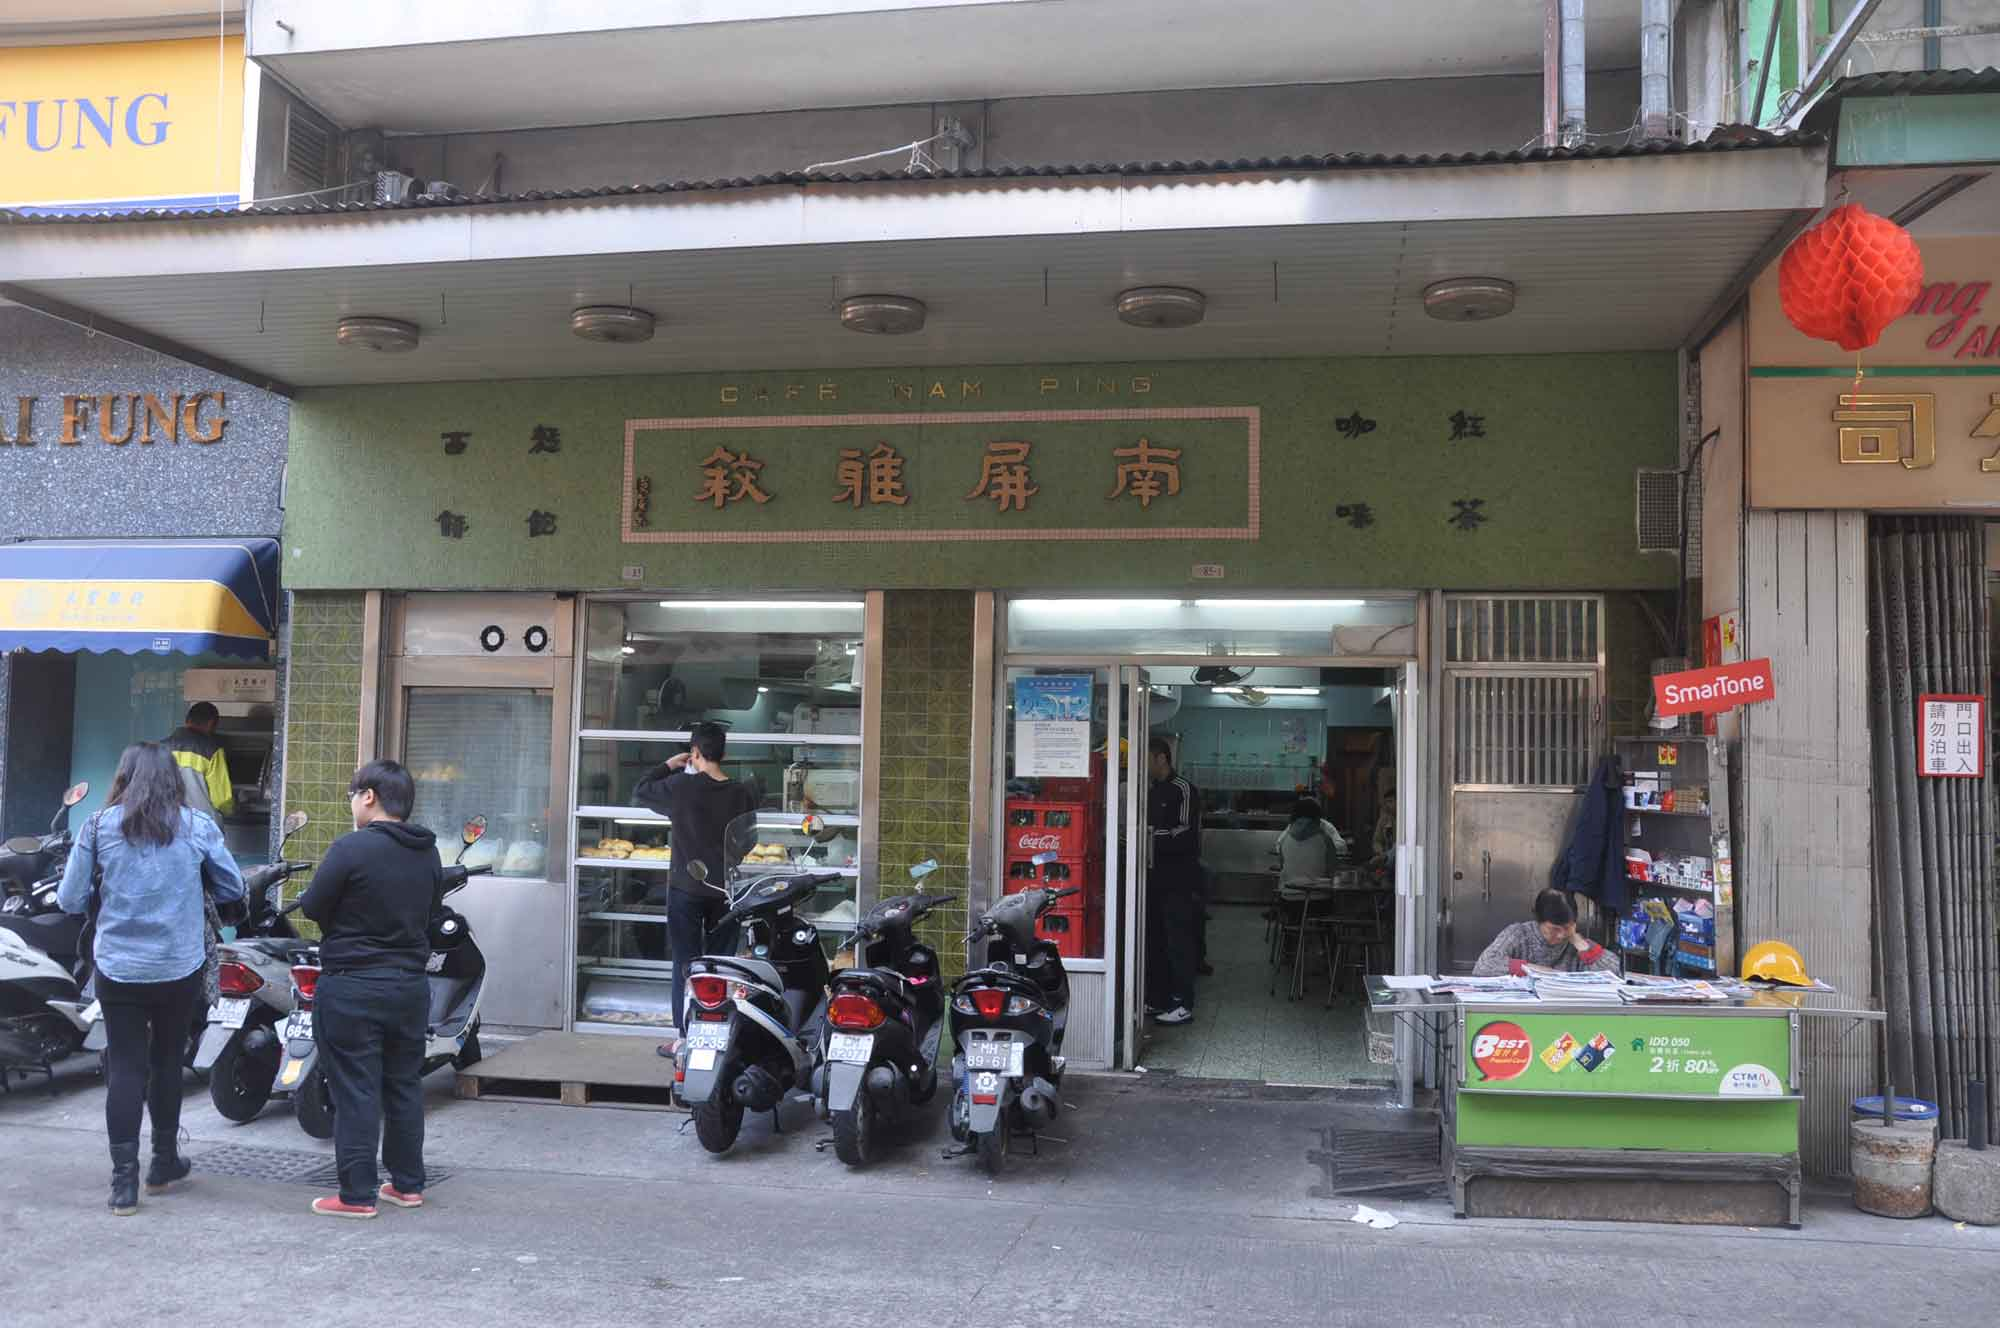 Cafe Nam Ping